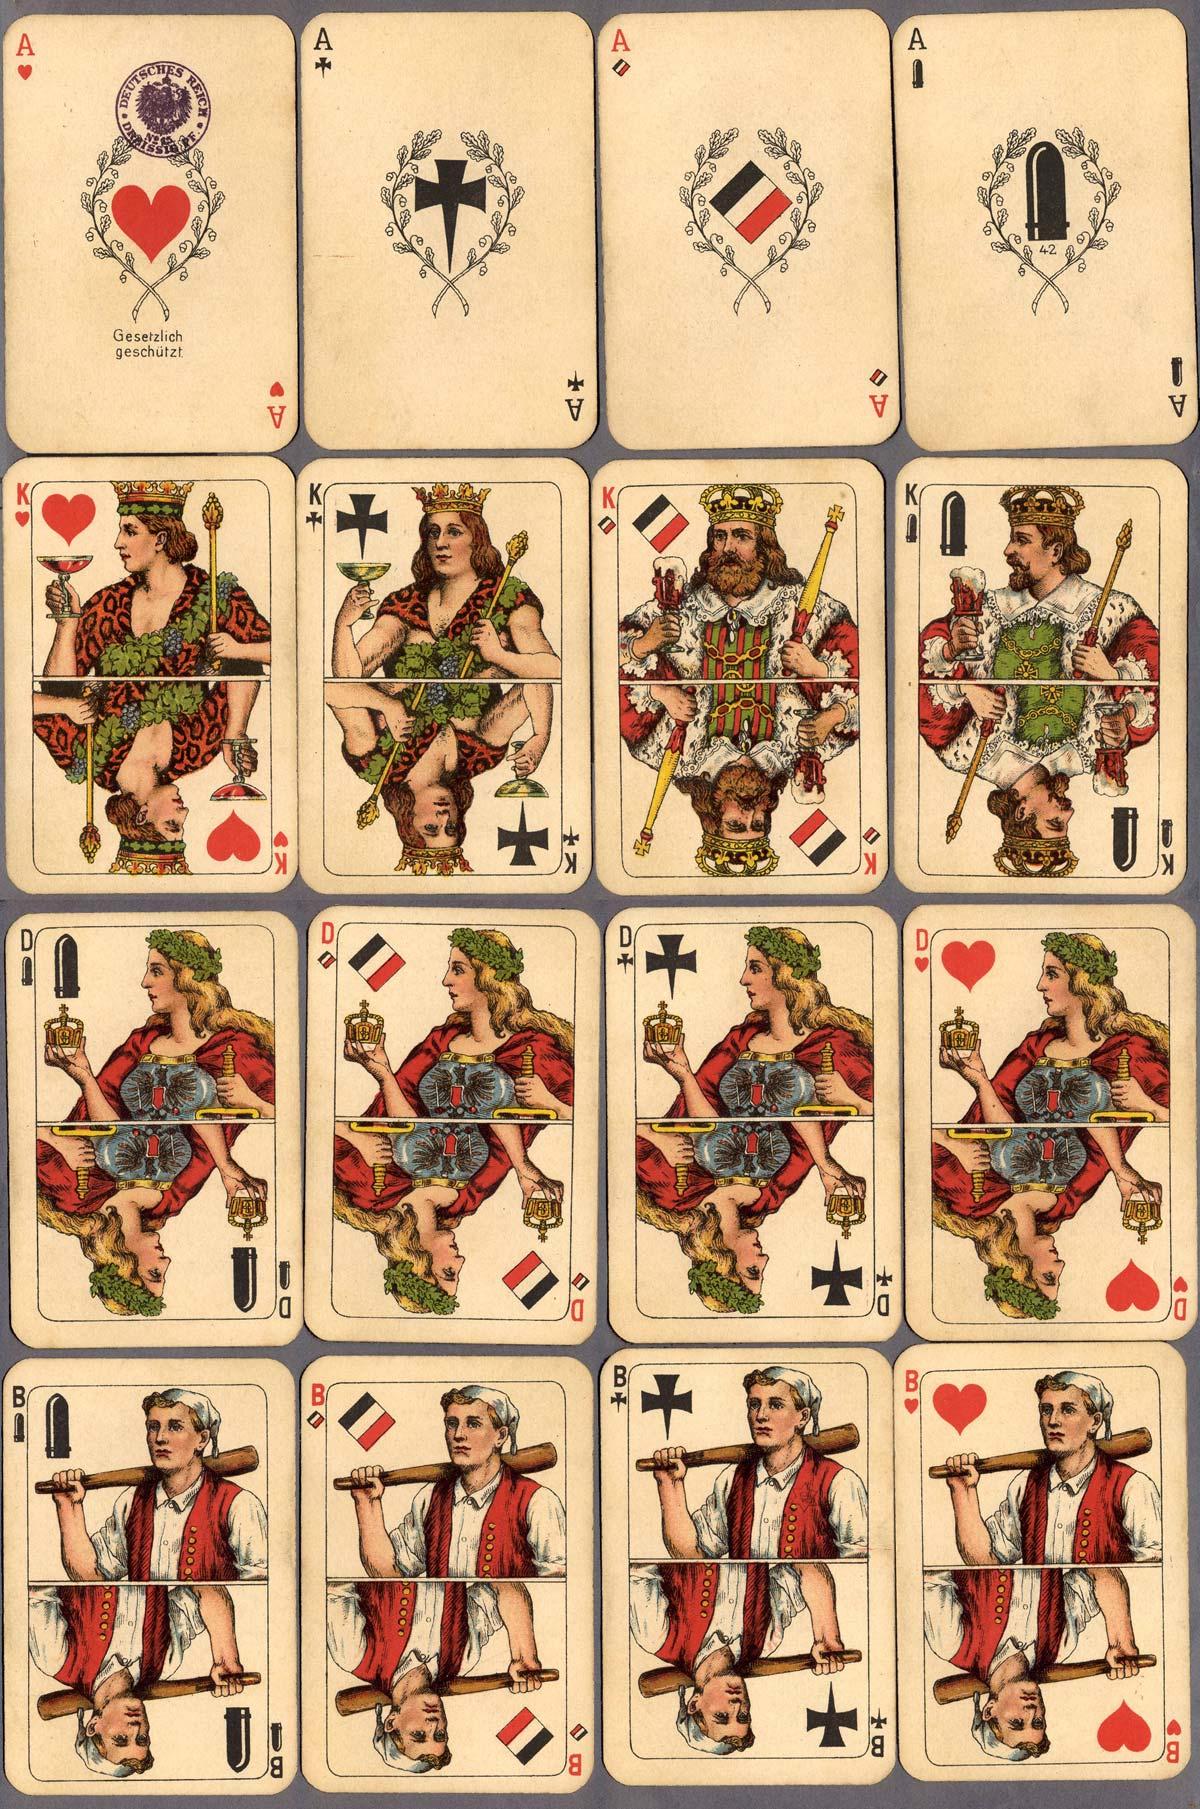 Trumpf Im Kartenspiel Französisch